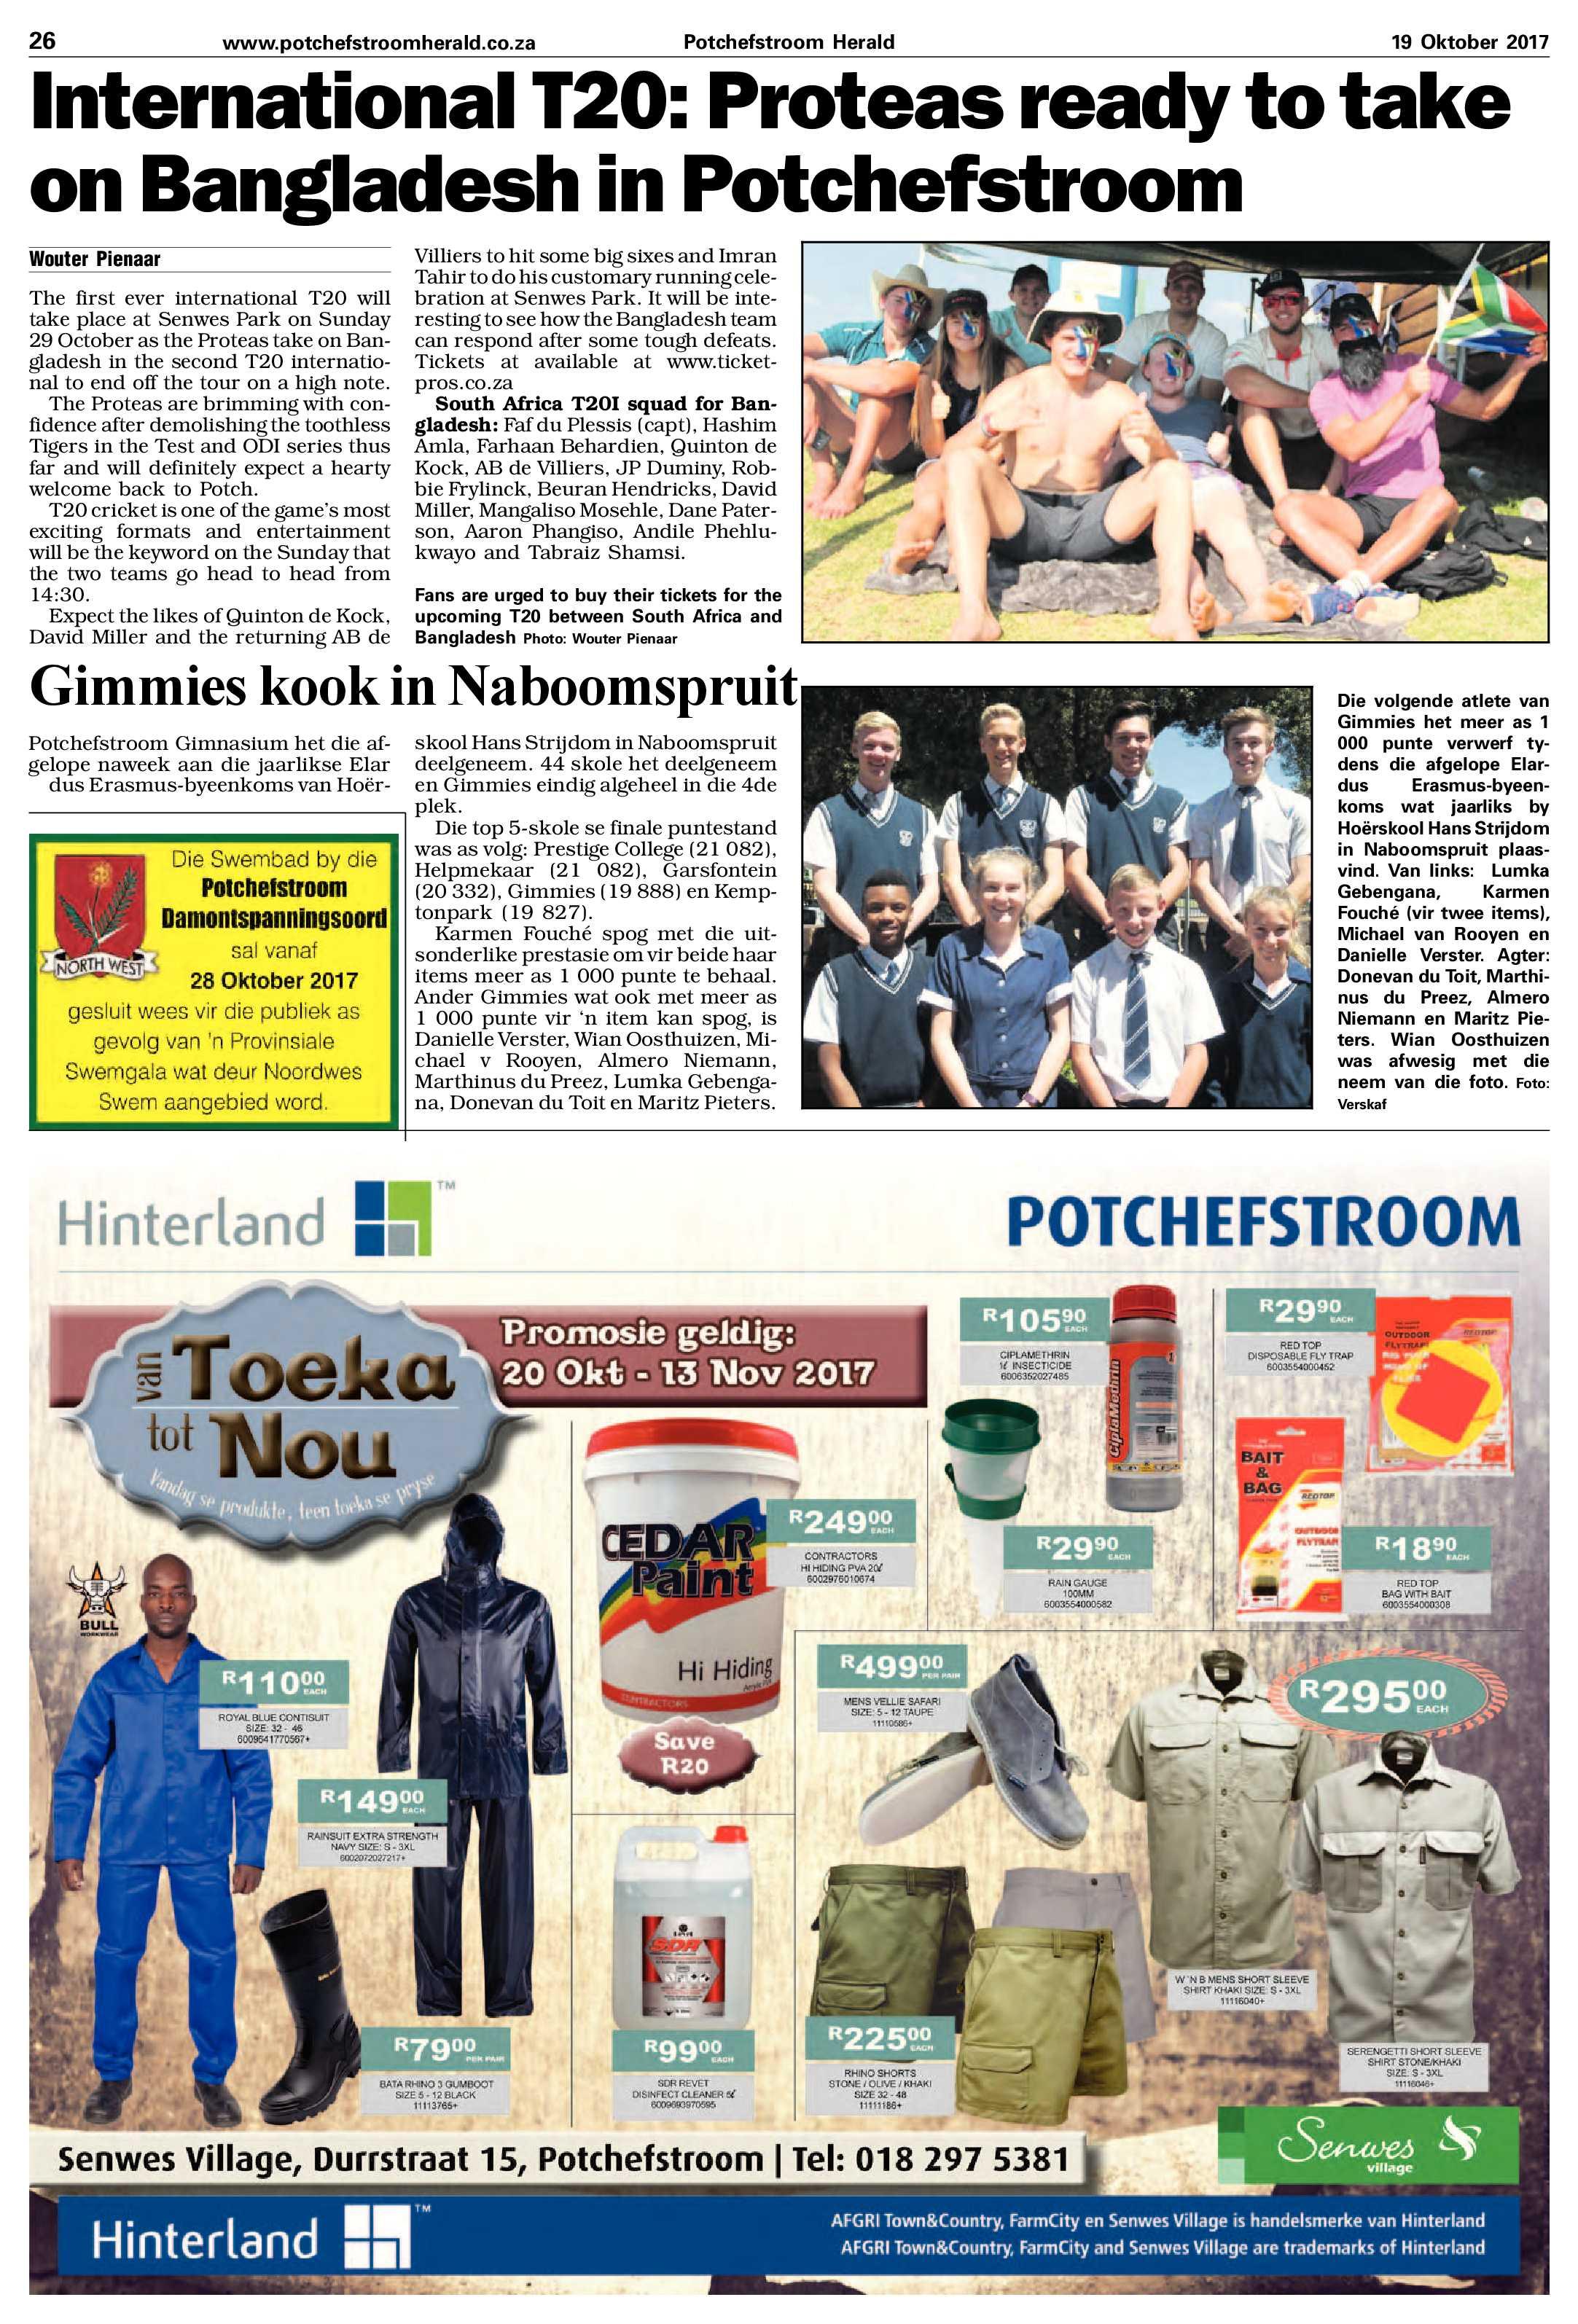 19-oktober-2017-epapers-page-26